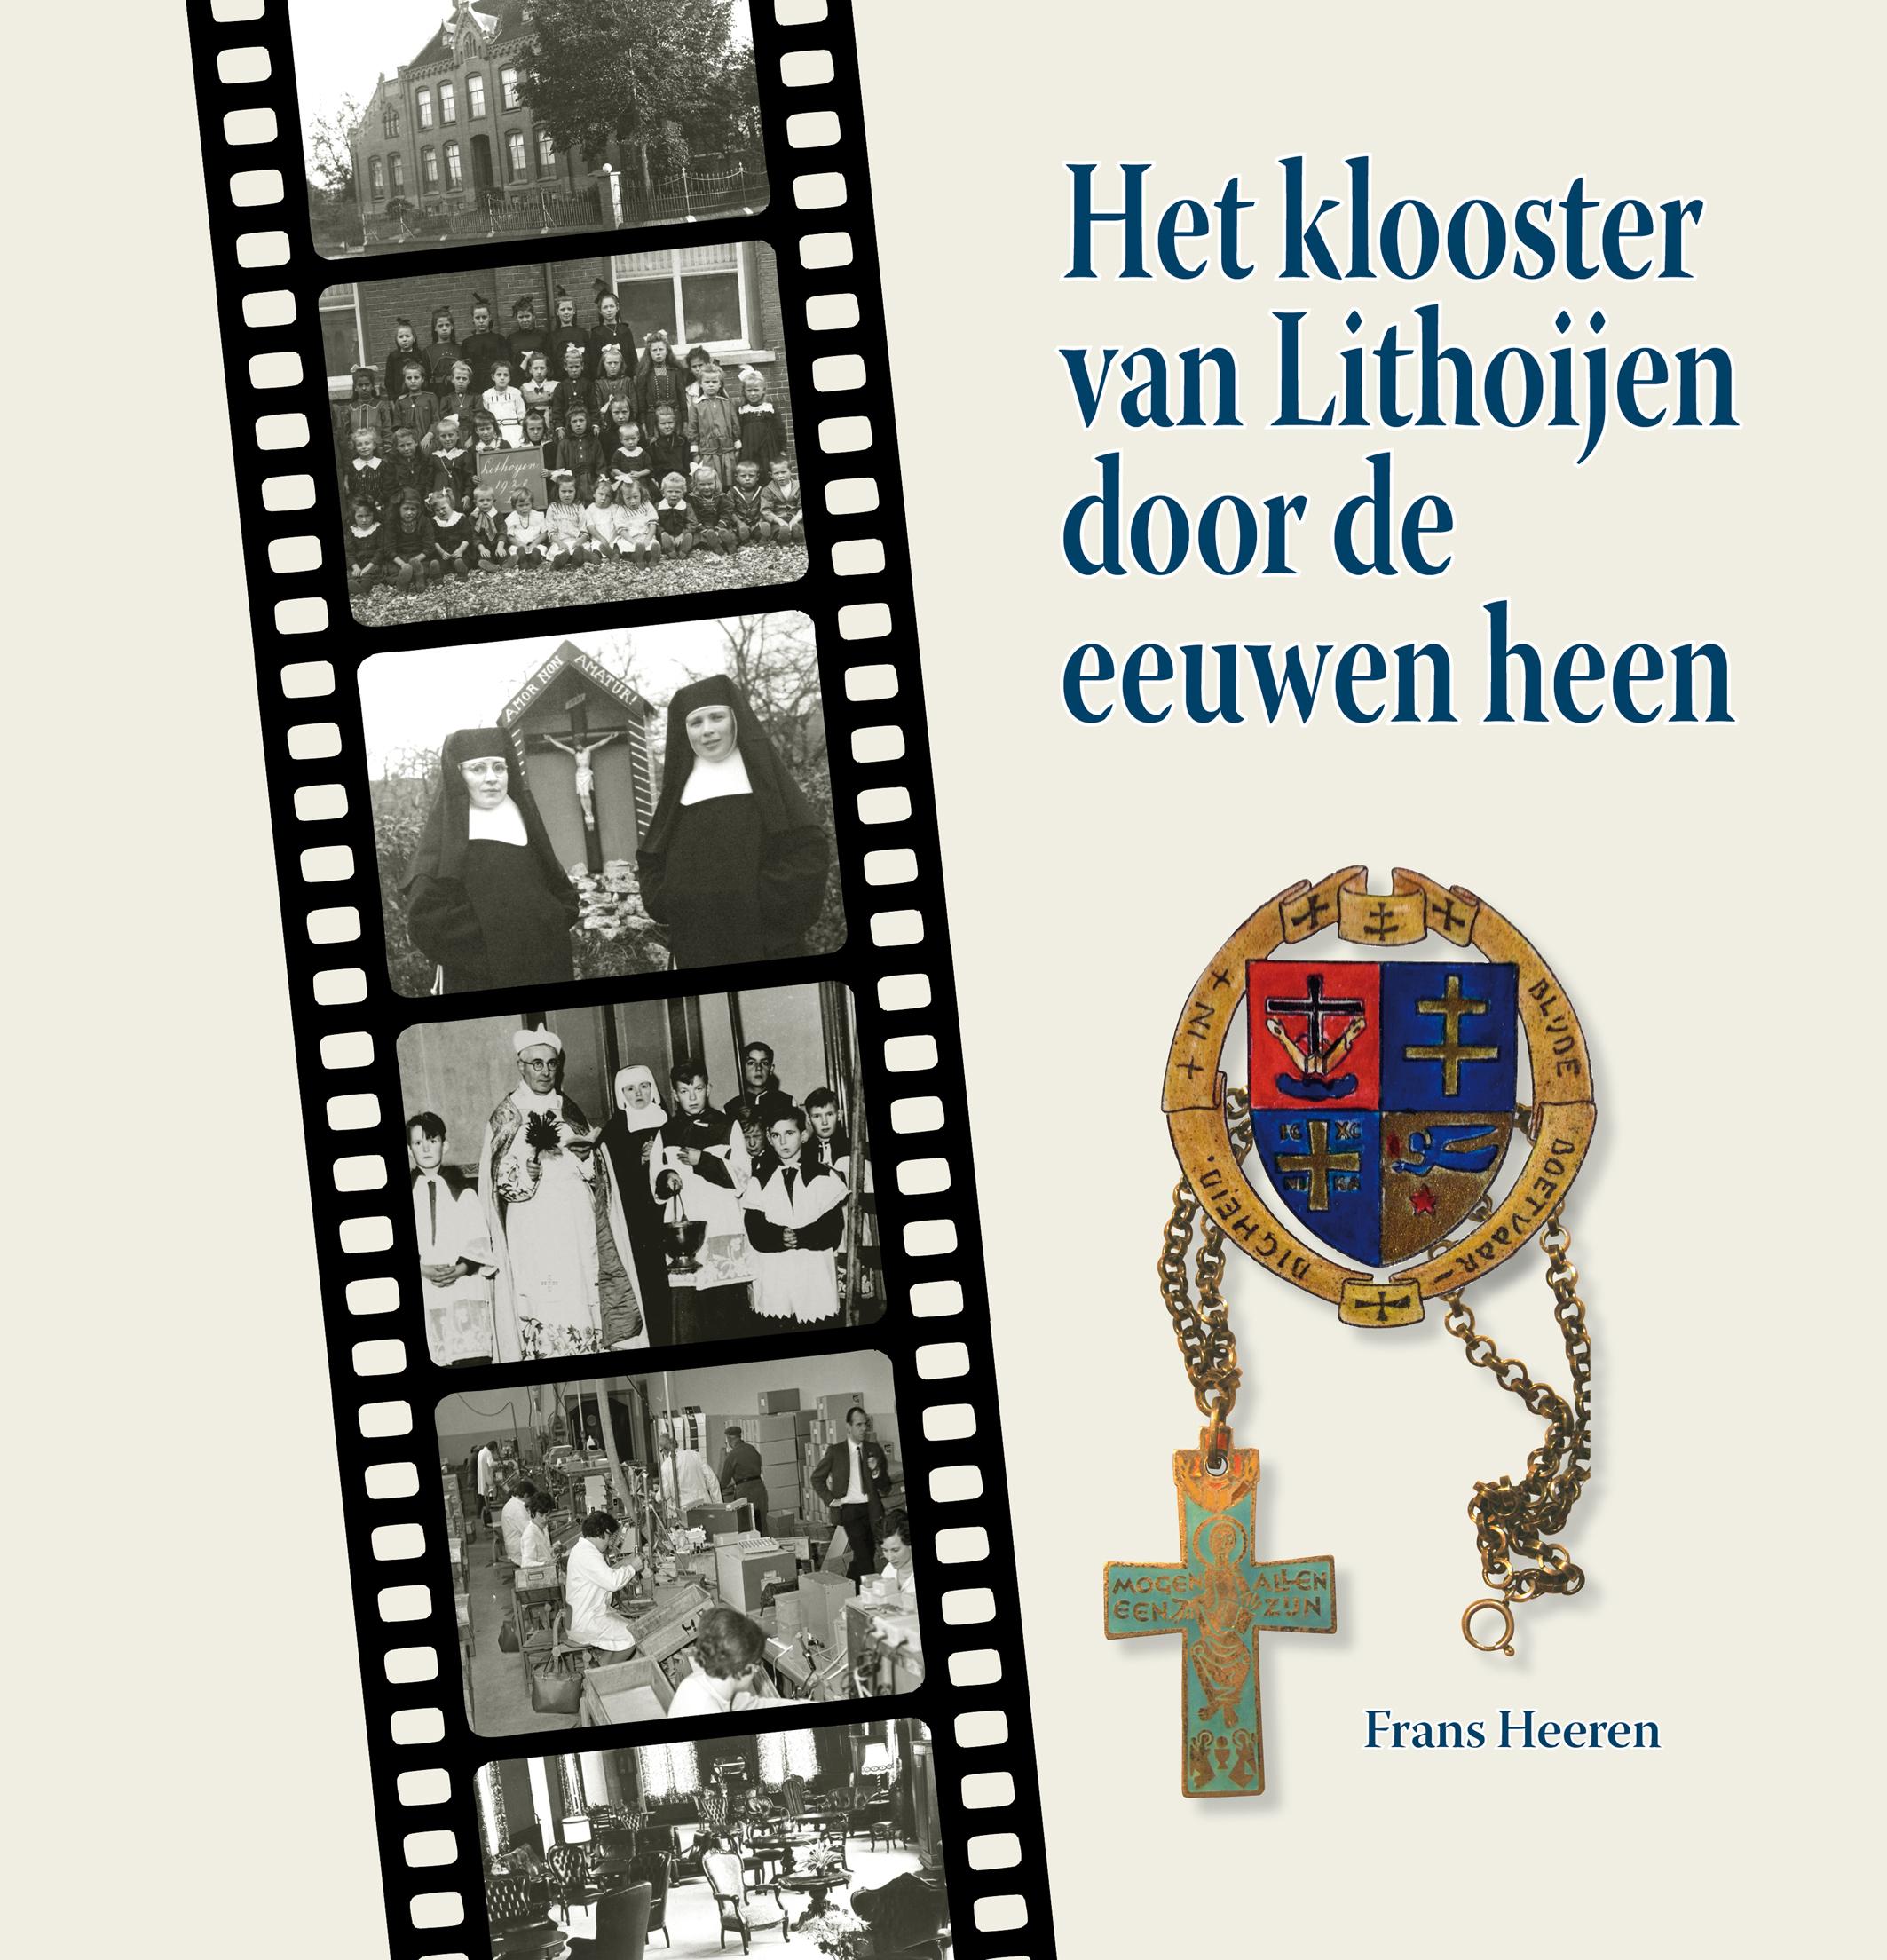 003-Cover Klooster door de eeuwen heen mail